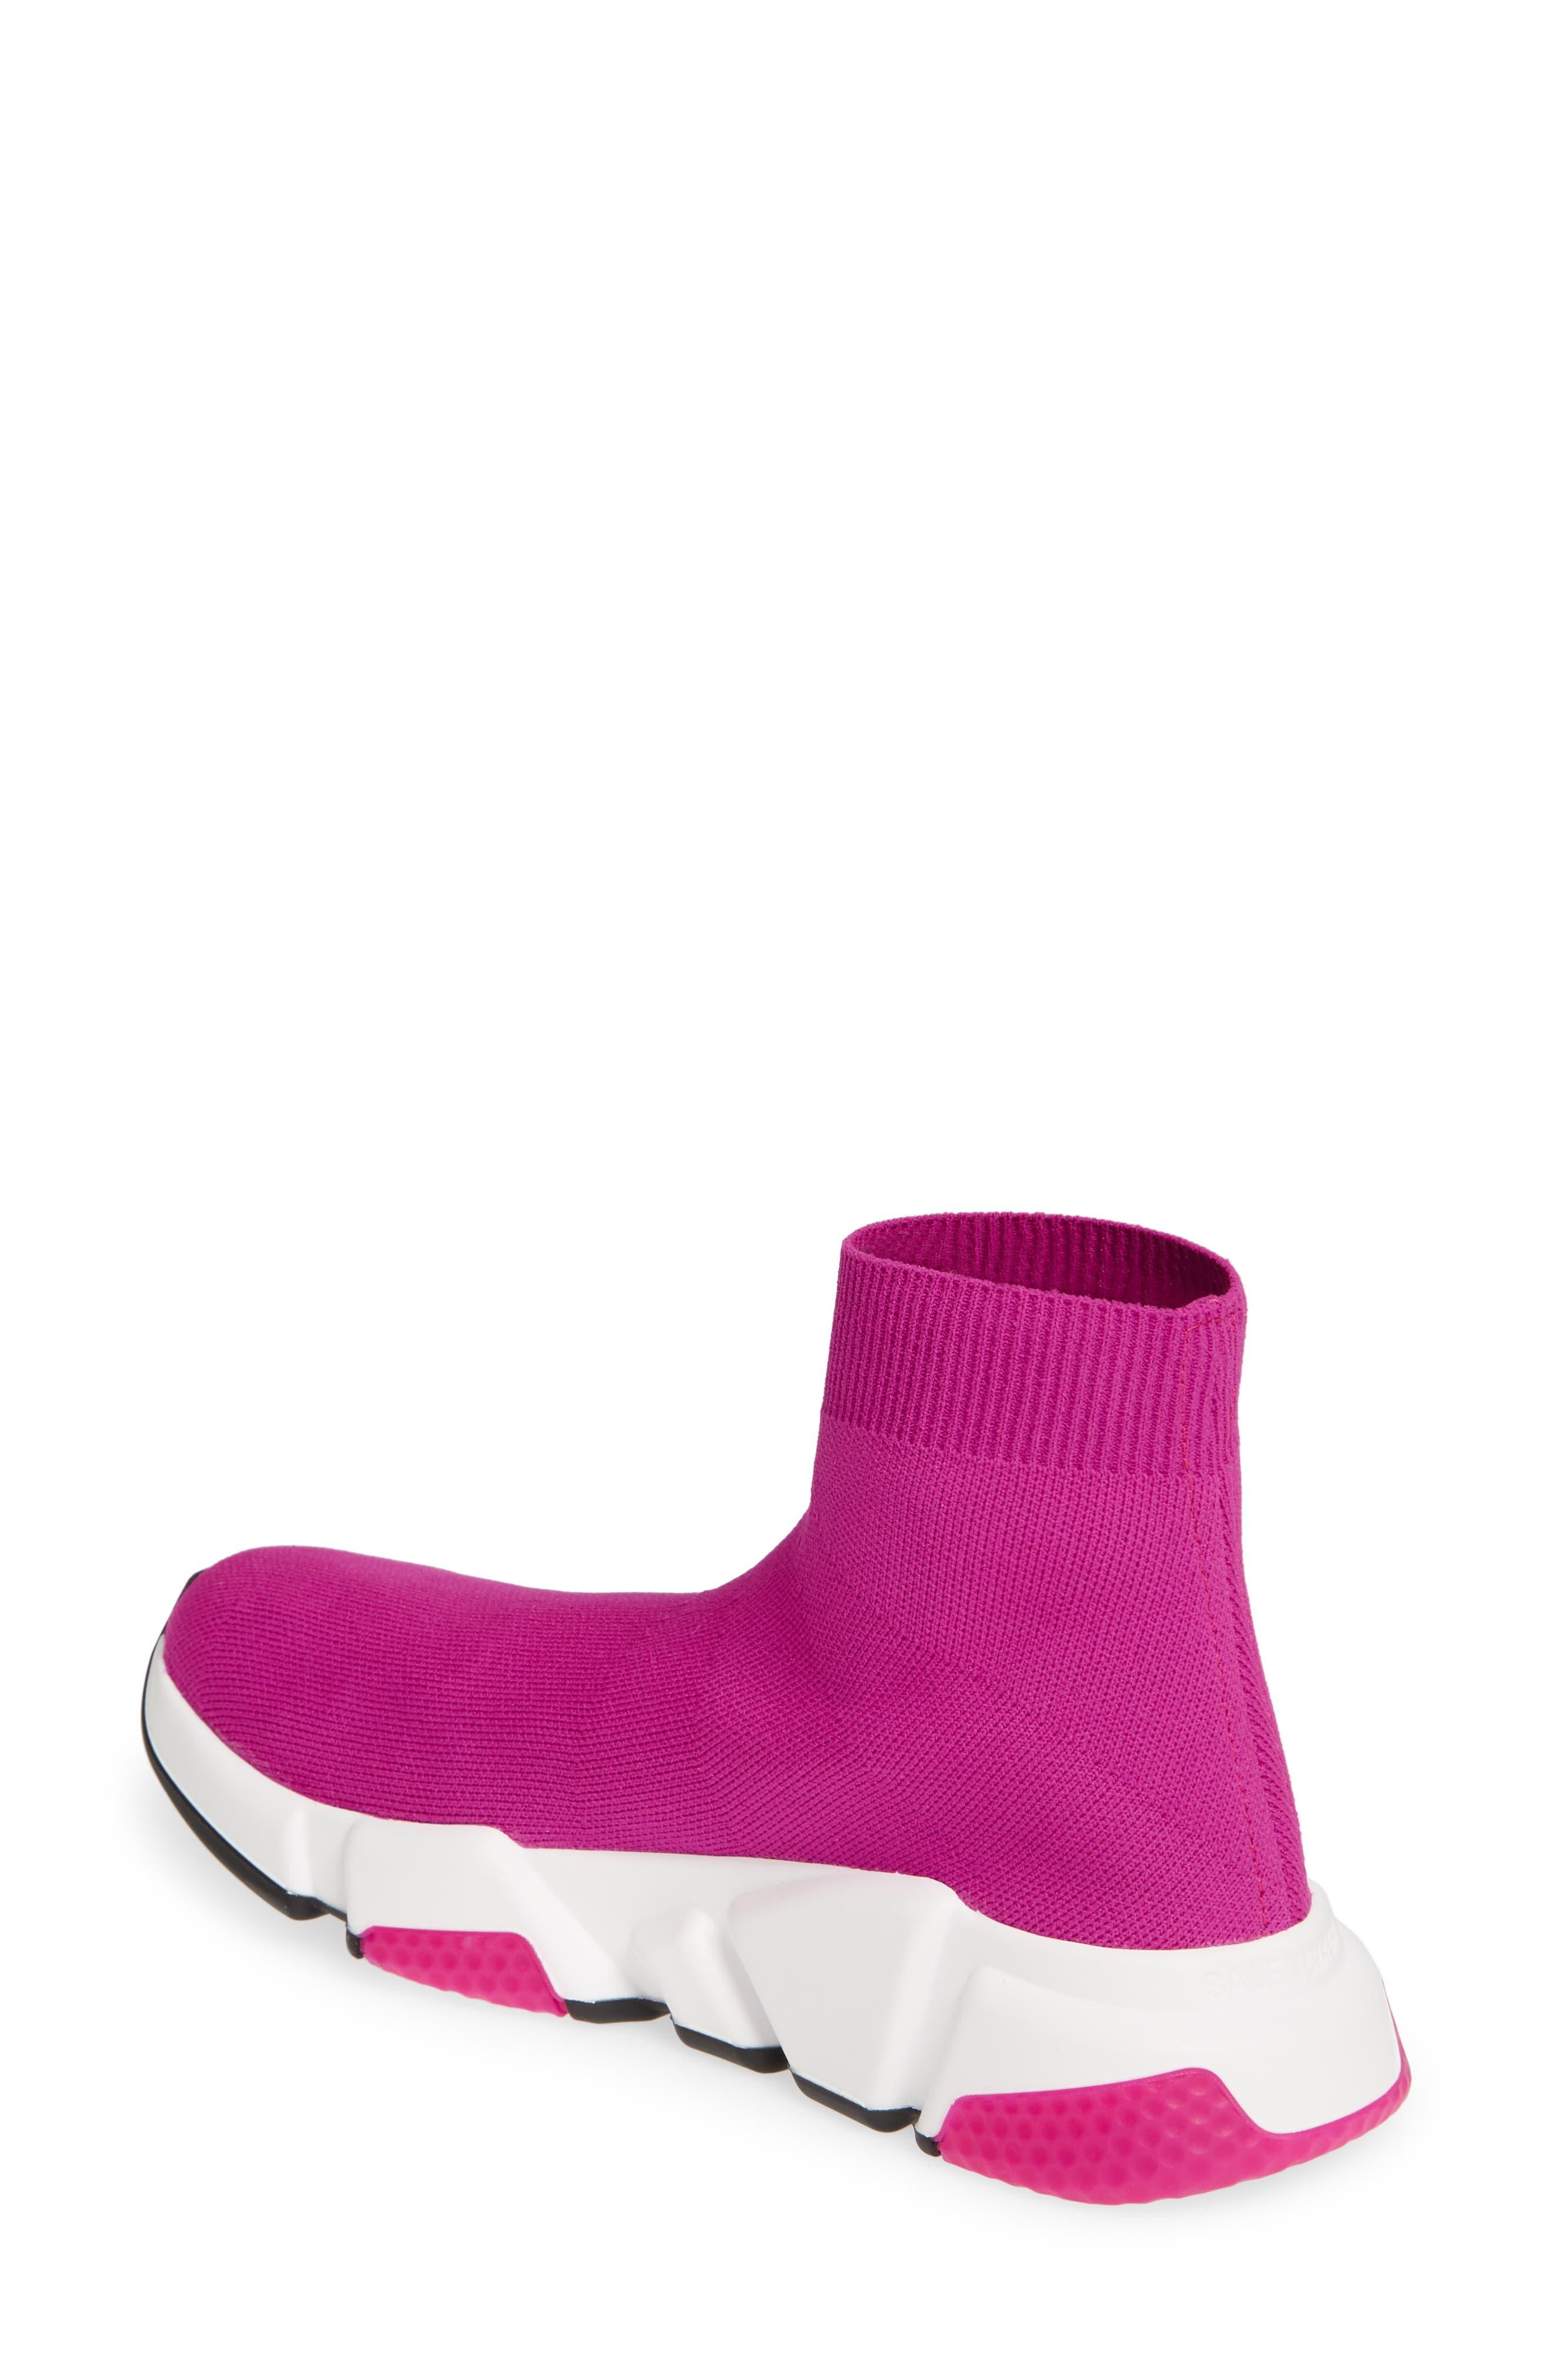 57e2e723d6563 Women's Balenciaga Shoes | Nordstrom